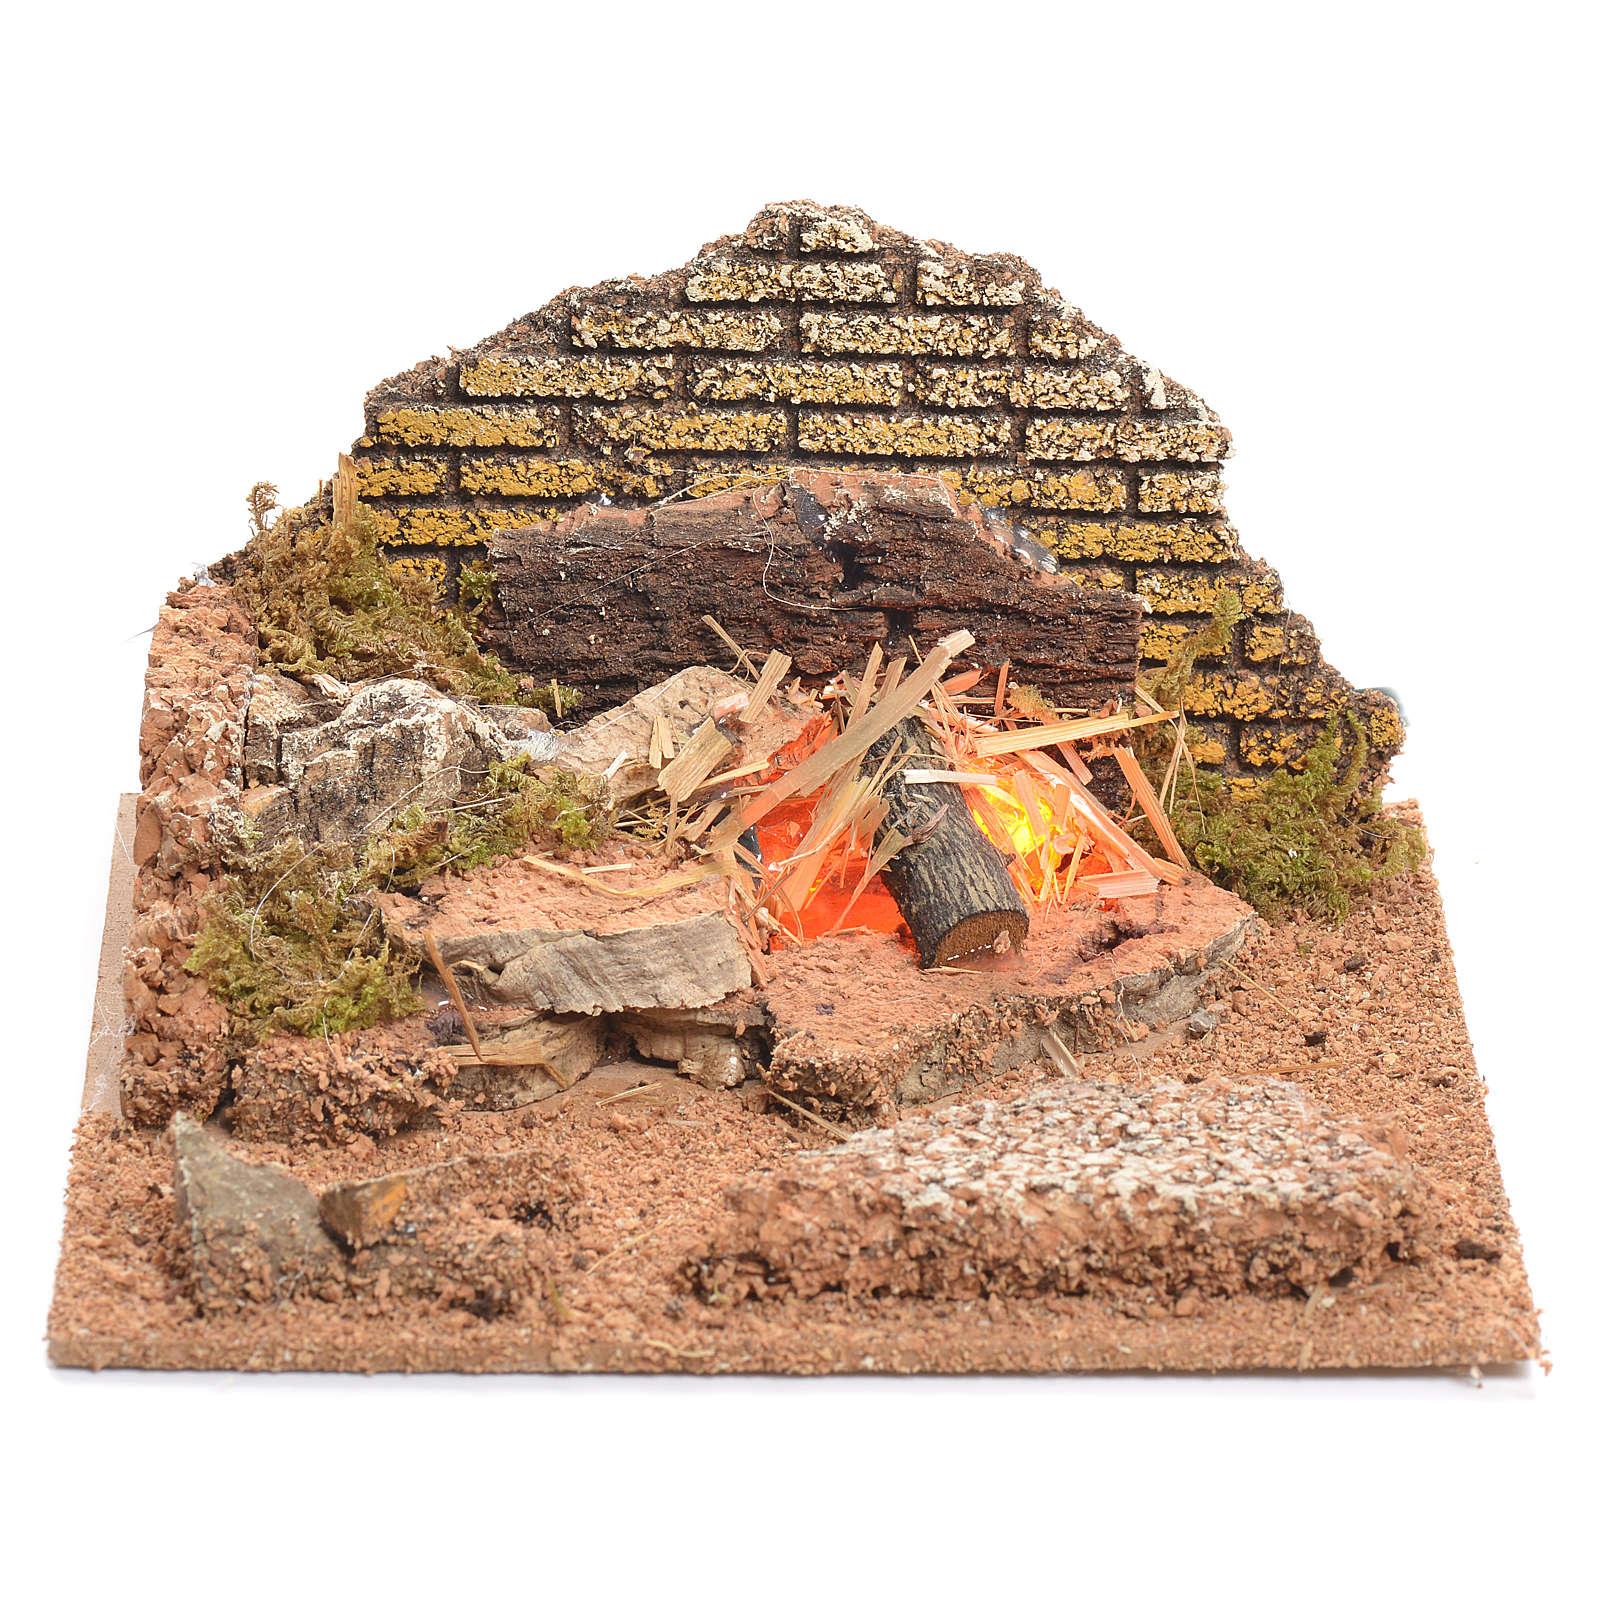 Fuego corriente 8x15x15 cm 4